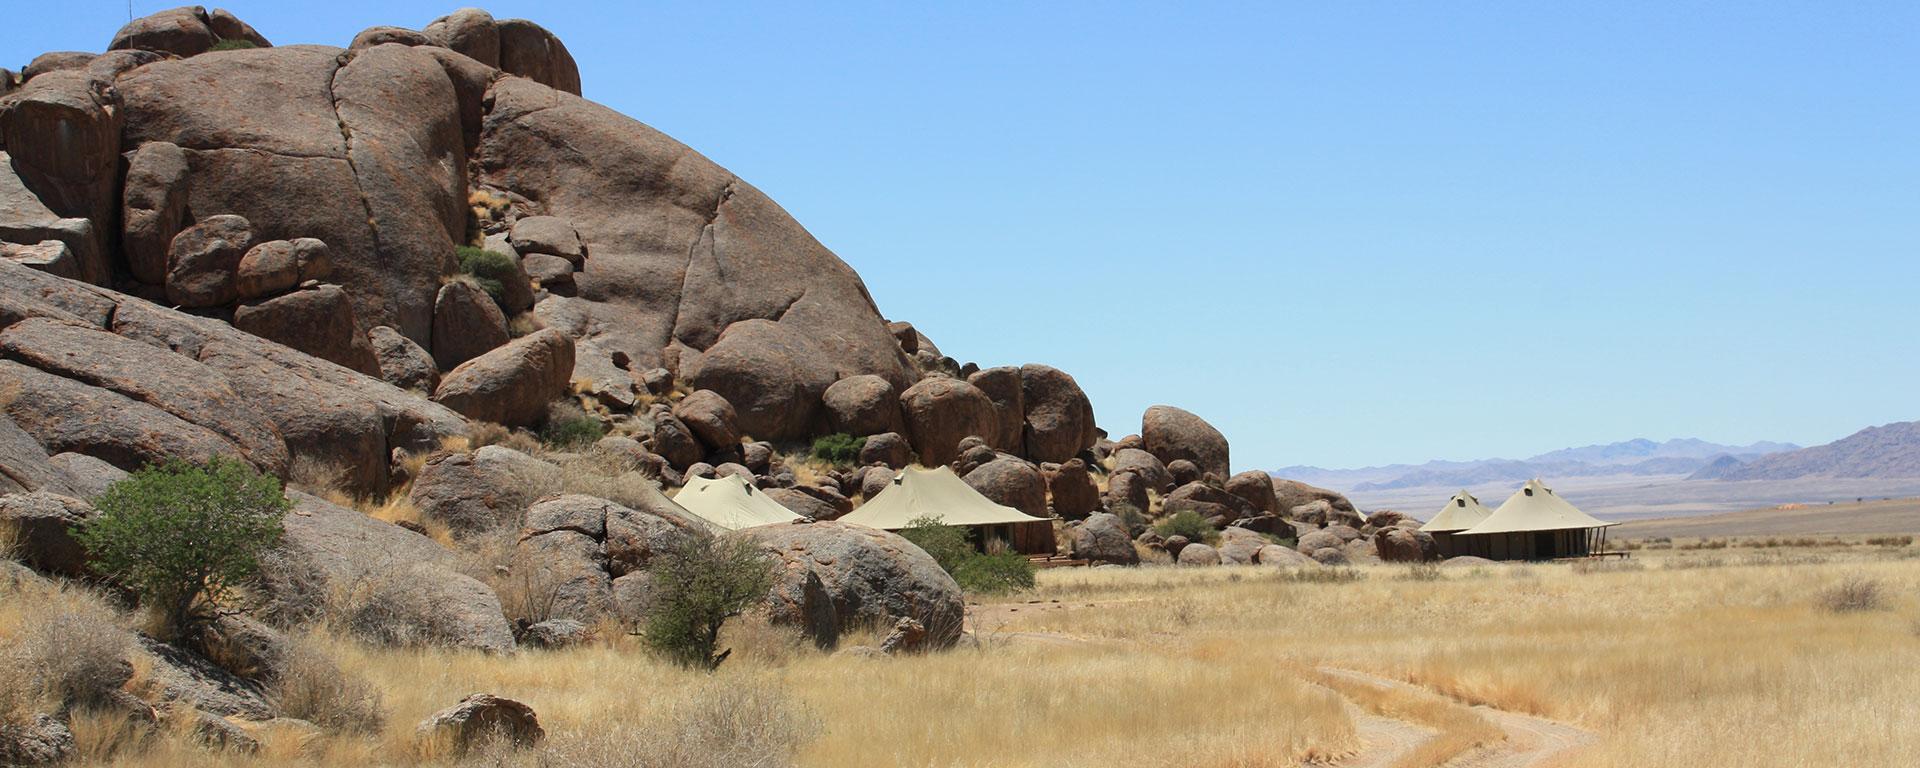 8_Namibie03jpg-min